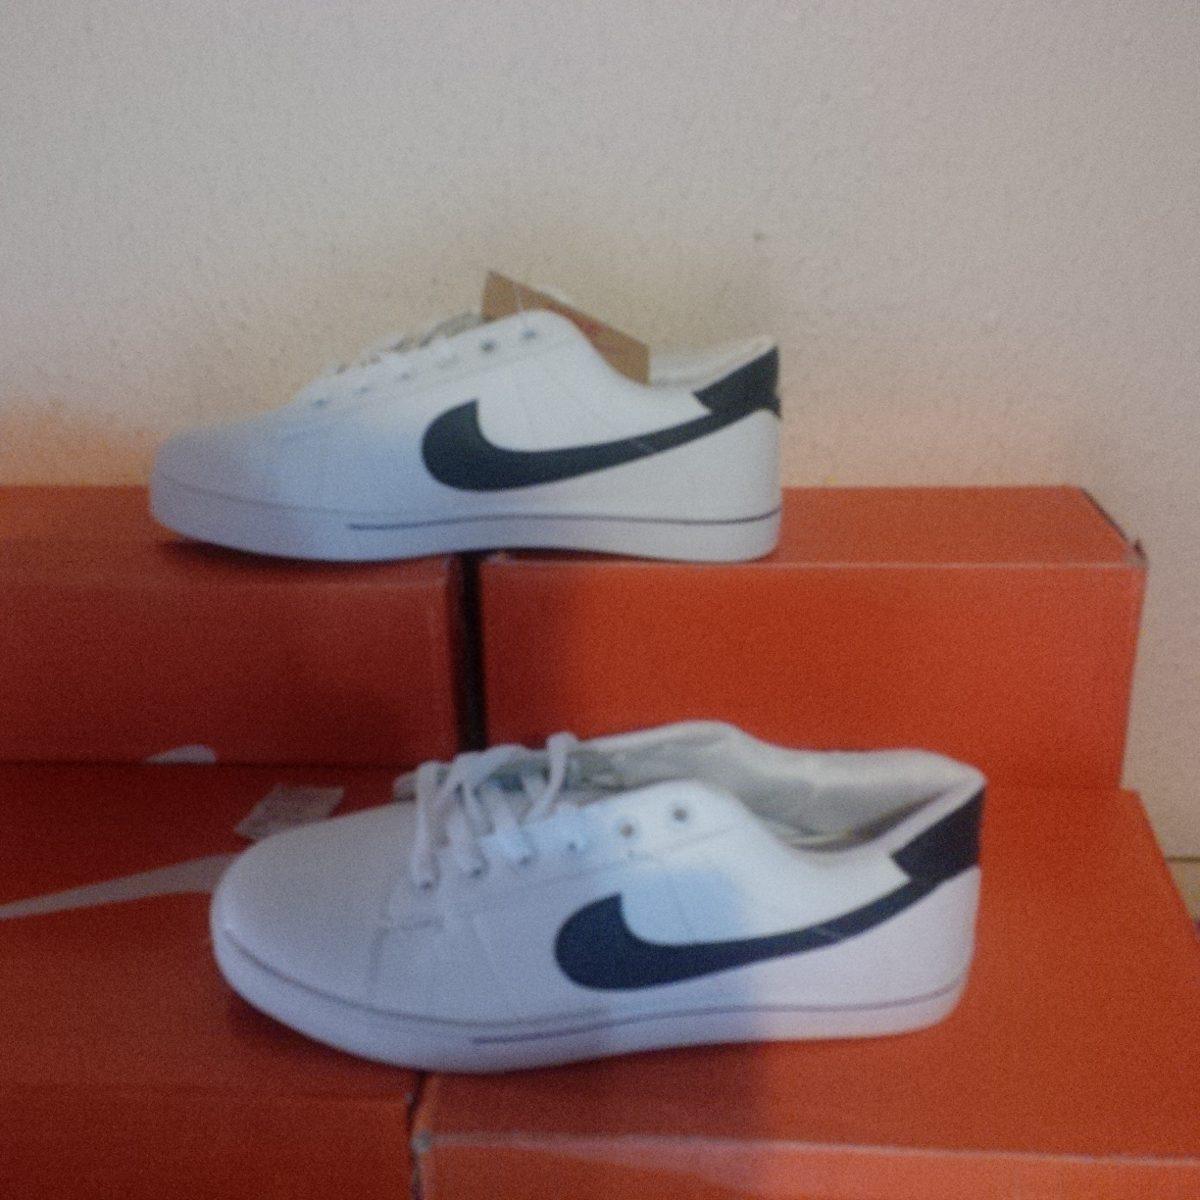 2abc8f490b369 Compre 2 APAGADO EN CUALQUIER CASO zapatos nike clasicos Y OBTENGA ...